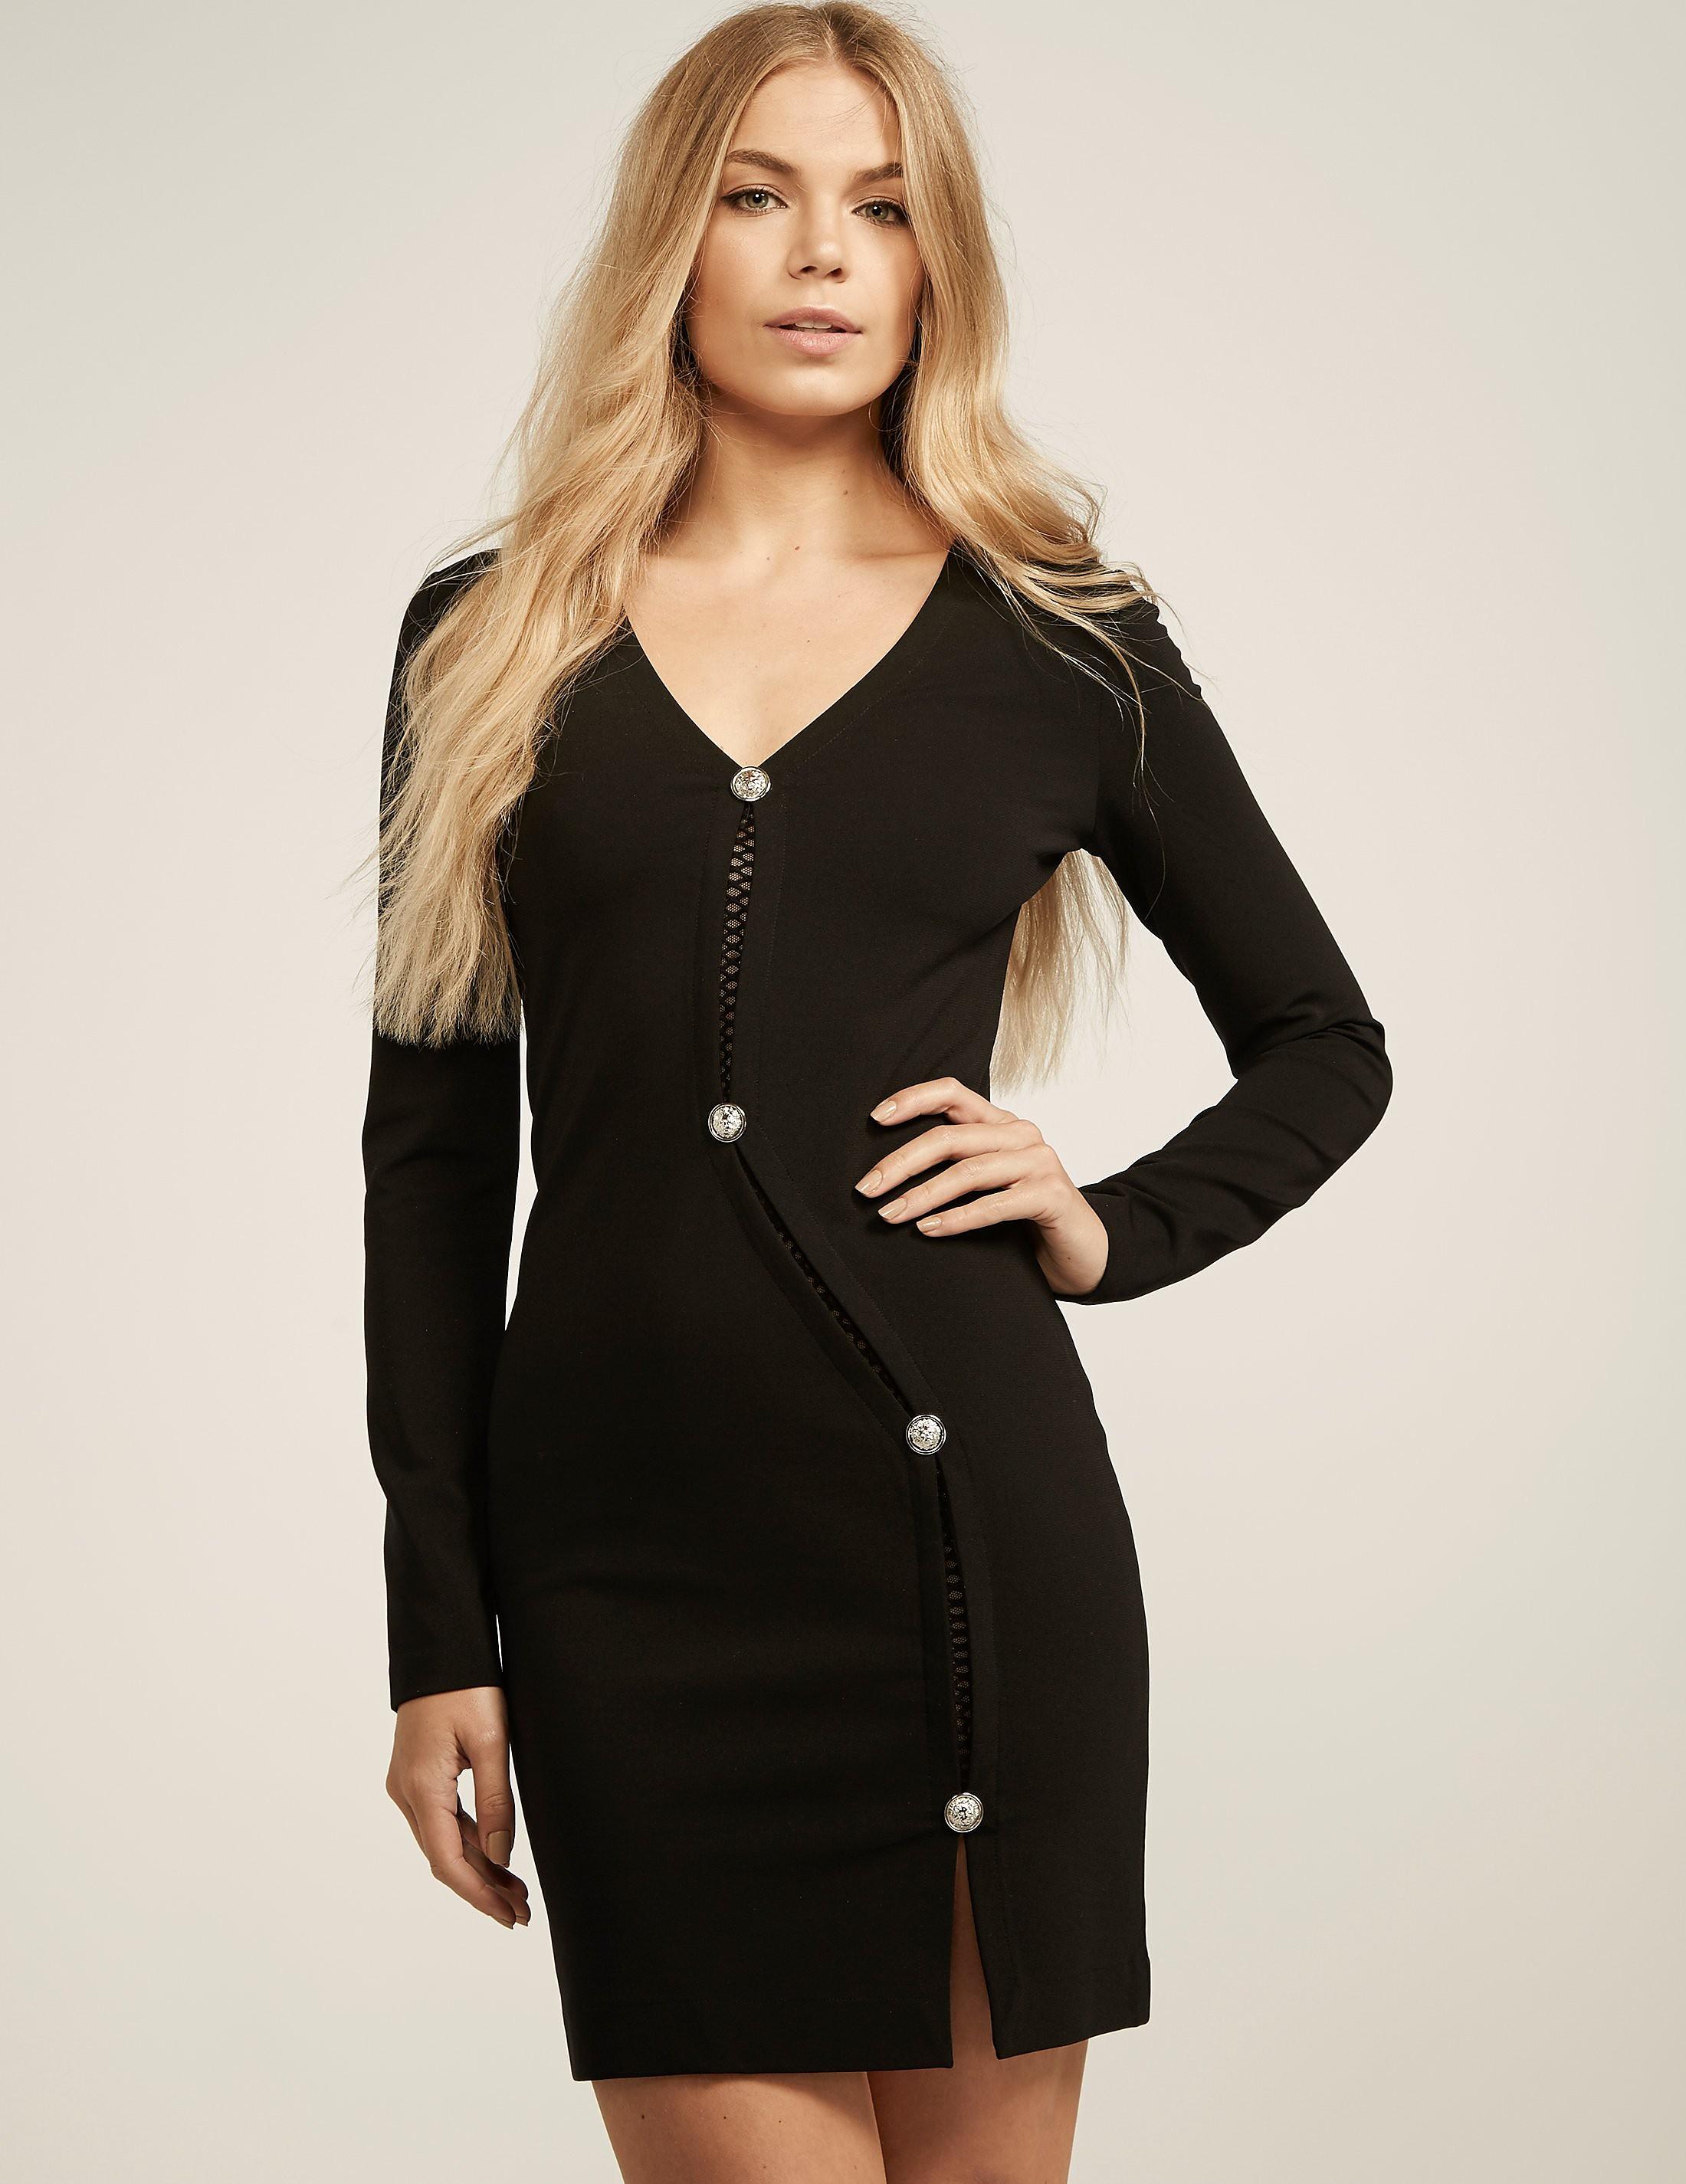 Versus Versace Jersey Dress